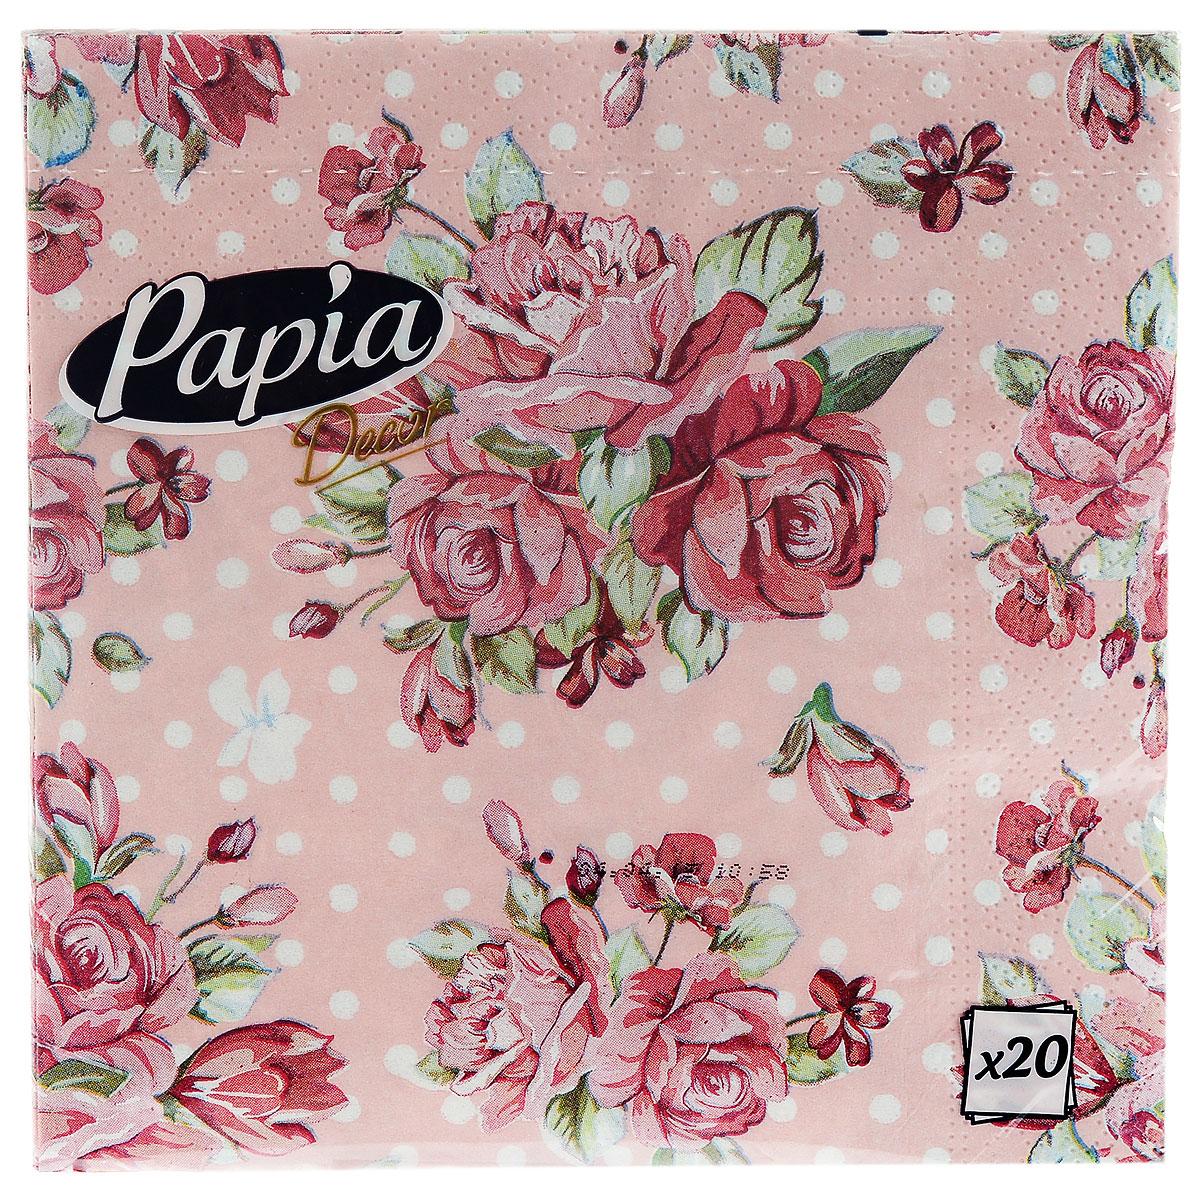 Салфетки бумажные Papia Decor, трехслойные, цвет: розовый, 33 x 33 см, 20 шт15302_розовыйТрехслойные салфетки Papia Decor, выполненные из 100% целлюлозы, оформлены красивым цветочным рисунком. Салфетки предназначены для красивой сервировки стола. Оригинальный дизайн салфеток добавит изысканности вашему столу и поднимет настроение. Размер салфеток: 33 см х 33 см.